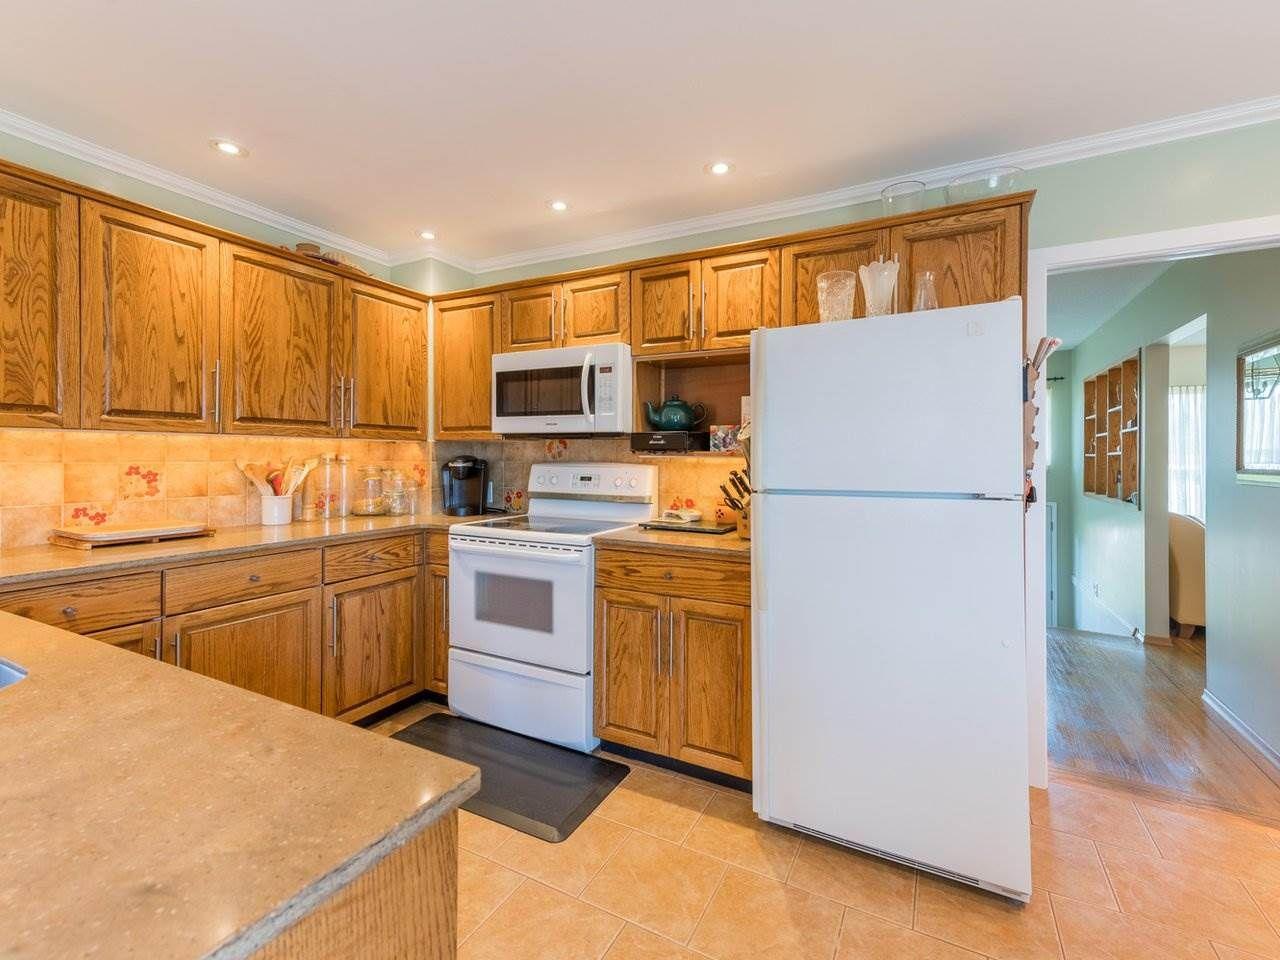 Photo 12: Photos: 808 REGAN Avenue in Coquitlam: Coquitlam West House for sale : MLS®# R2563486